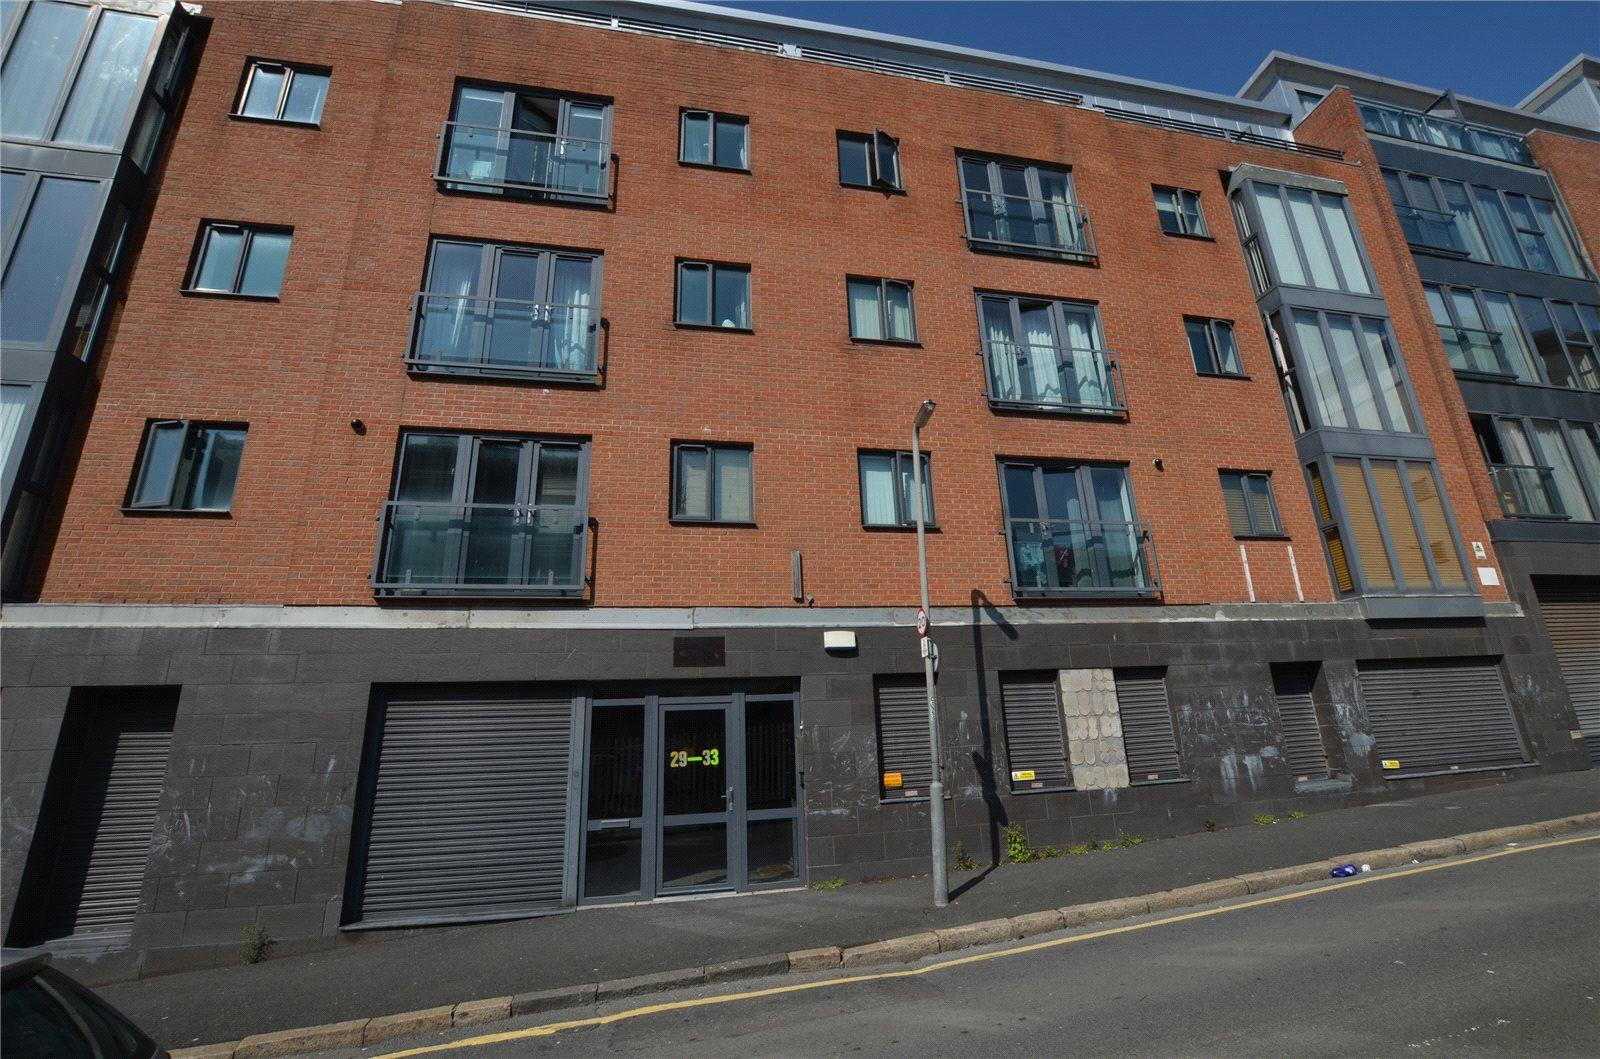 Bridport Street, Liverpool, Merseyside, L3 5QF